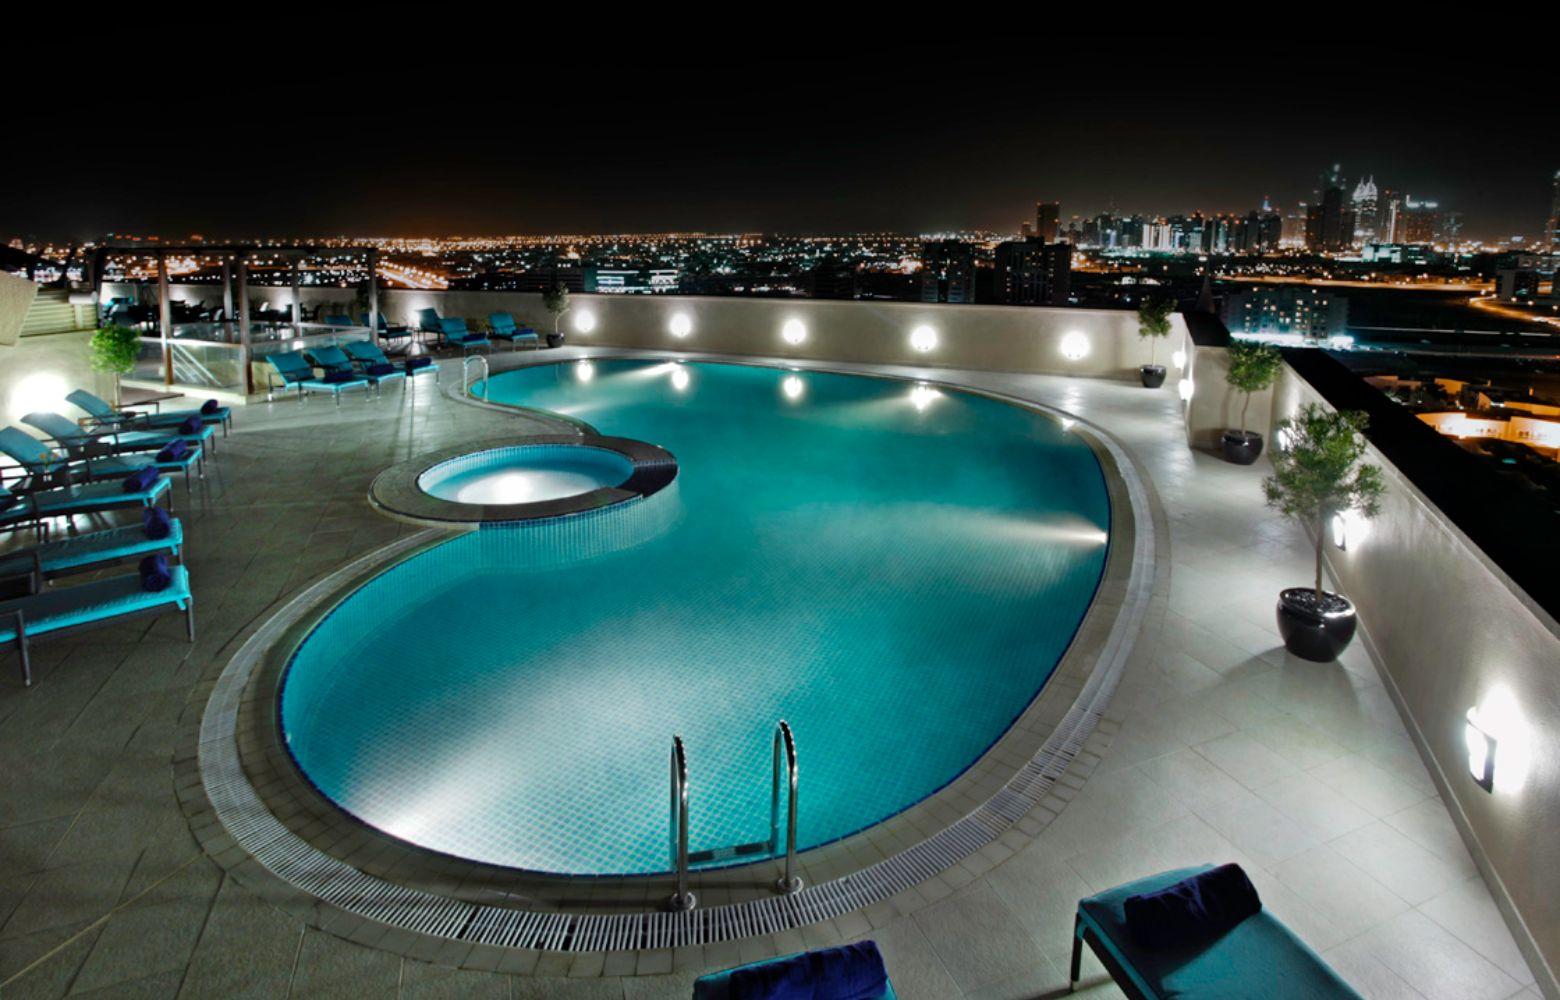 נופש חלומי בדובאי 5* | 4 לילות 5 ימים Elite Byblos על בסיס לינה וארוחת בוקר וכניסה לפארק המים Aquaventure